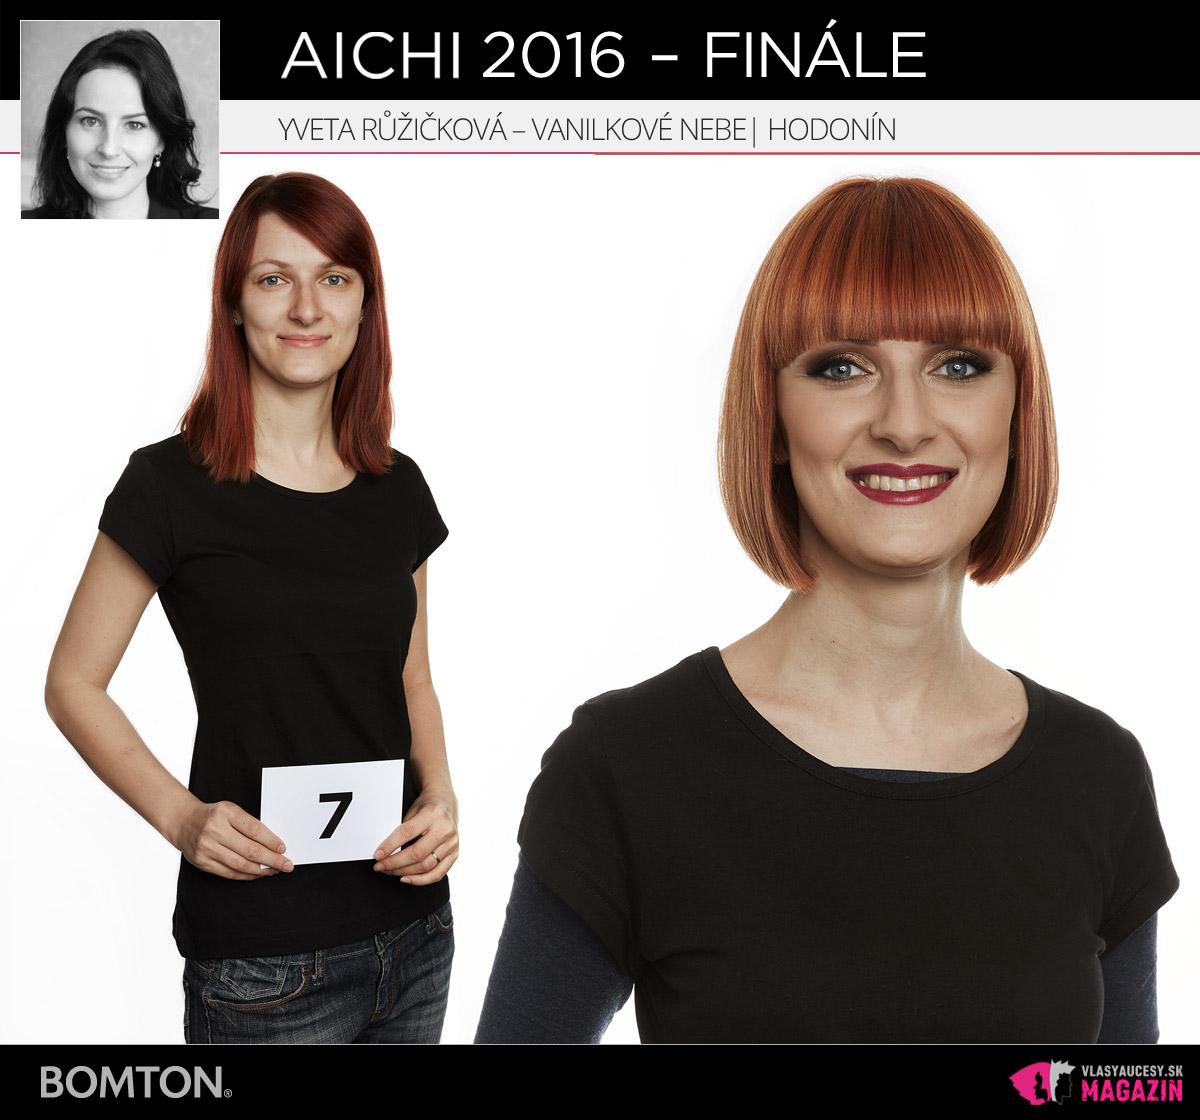 Yveta Růžičková – Vanilkové Nebe, Hodonín | Premeny AICHI 2016 – postupujúci do finálového kola